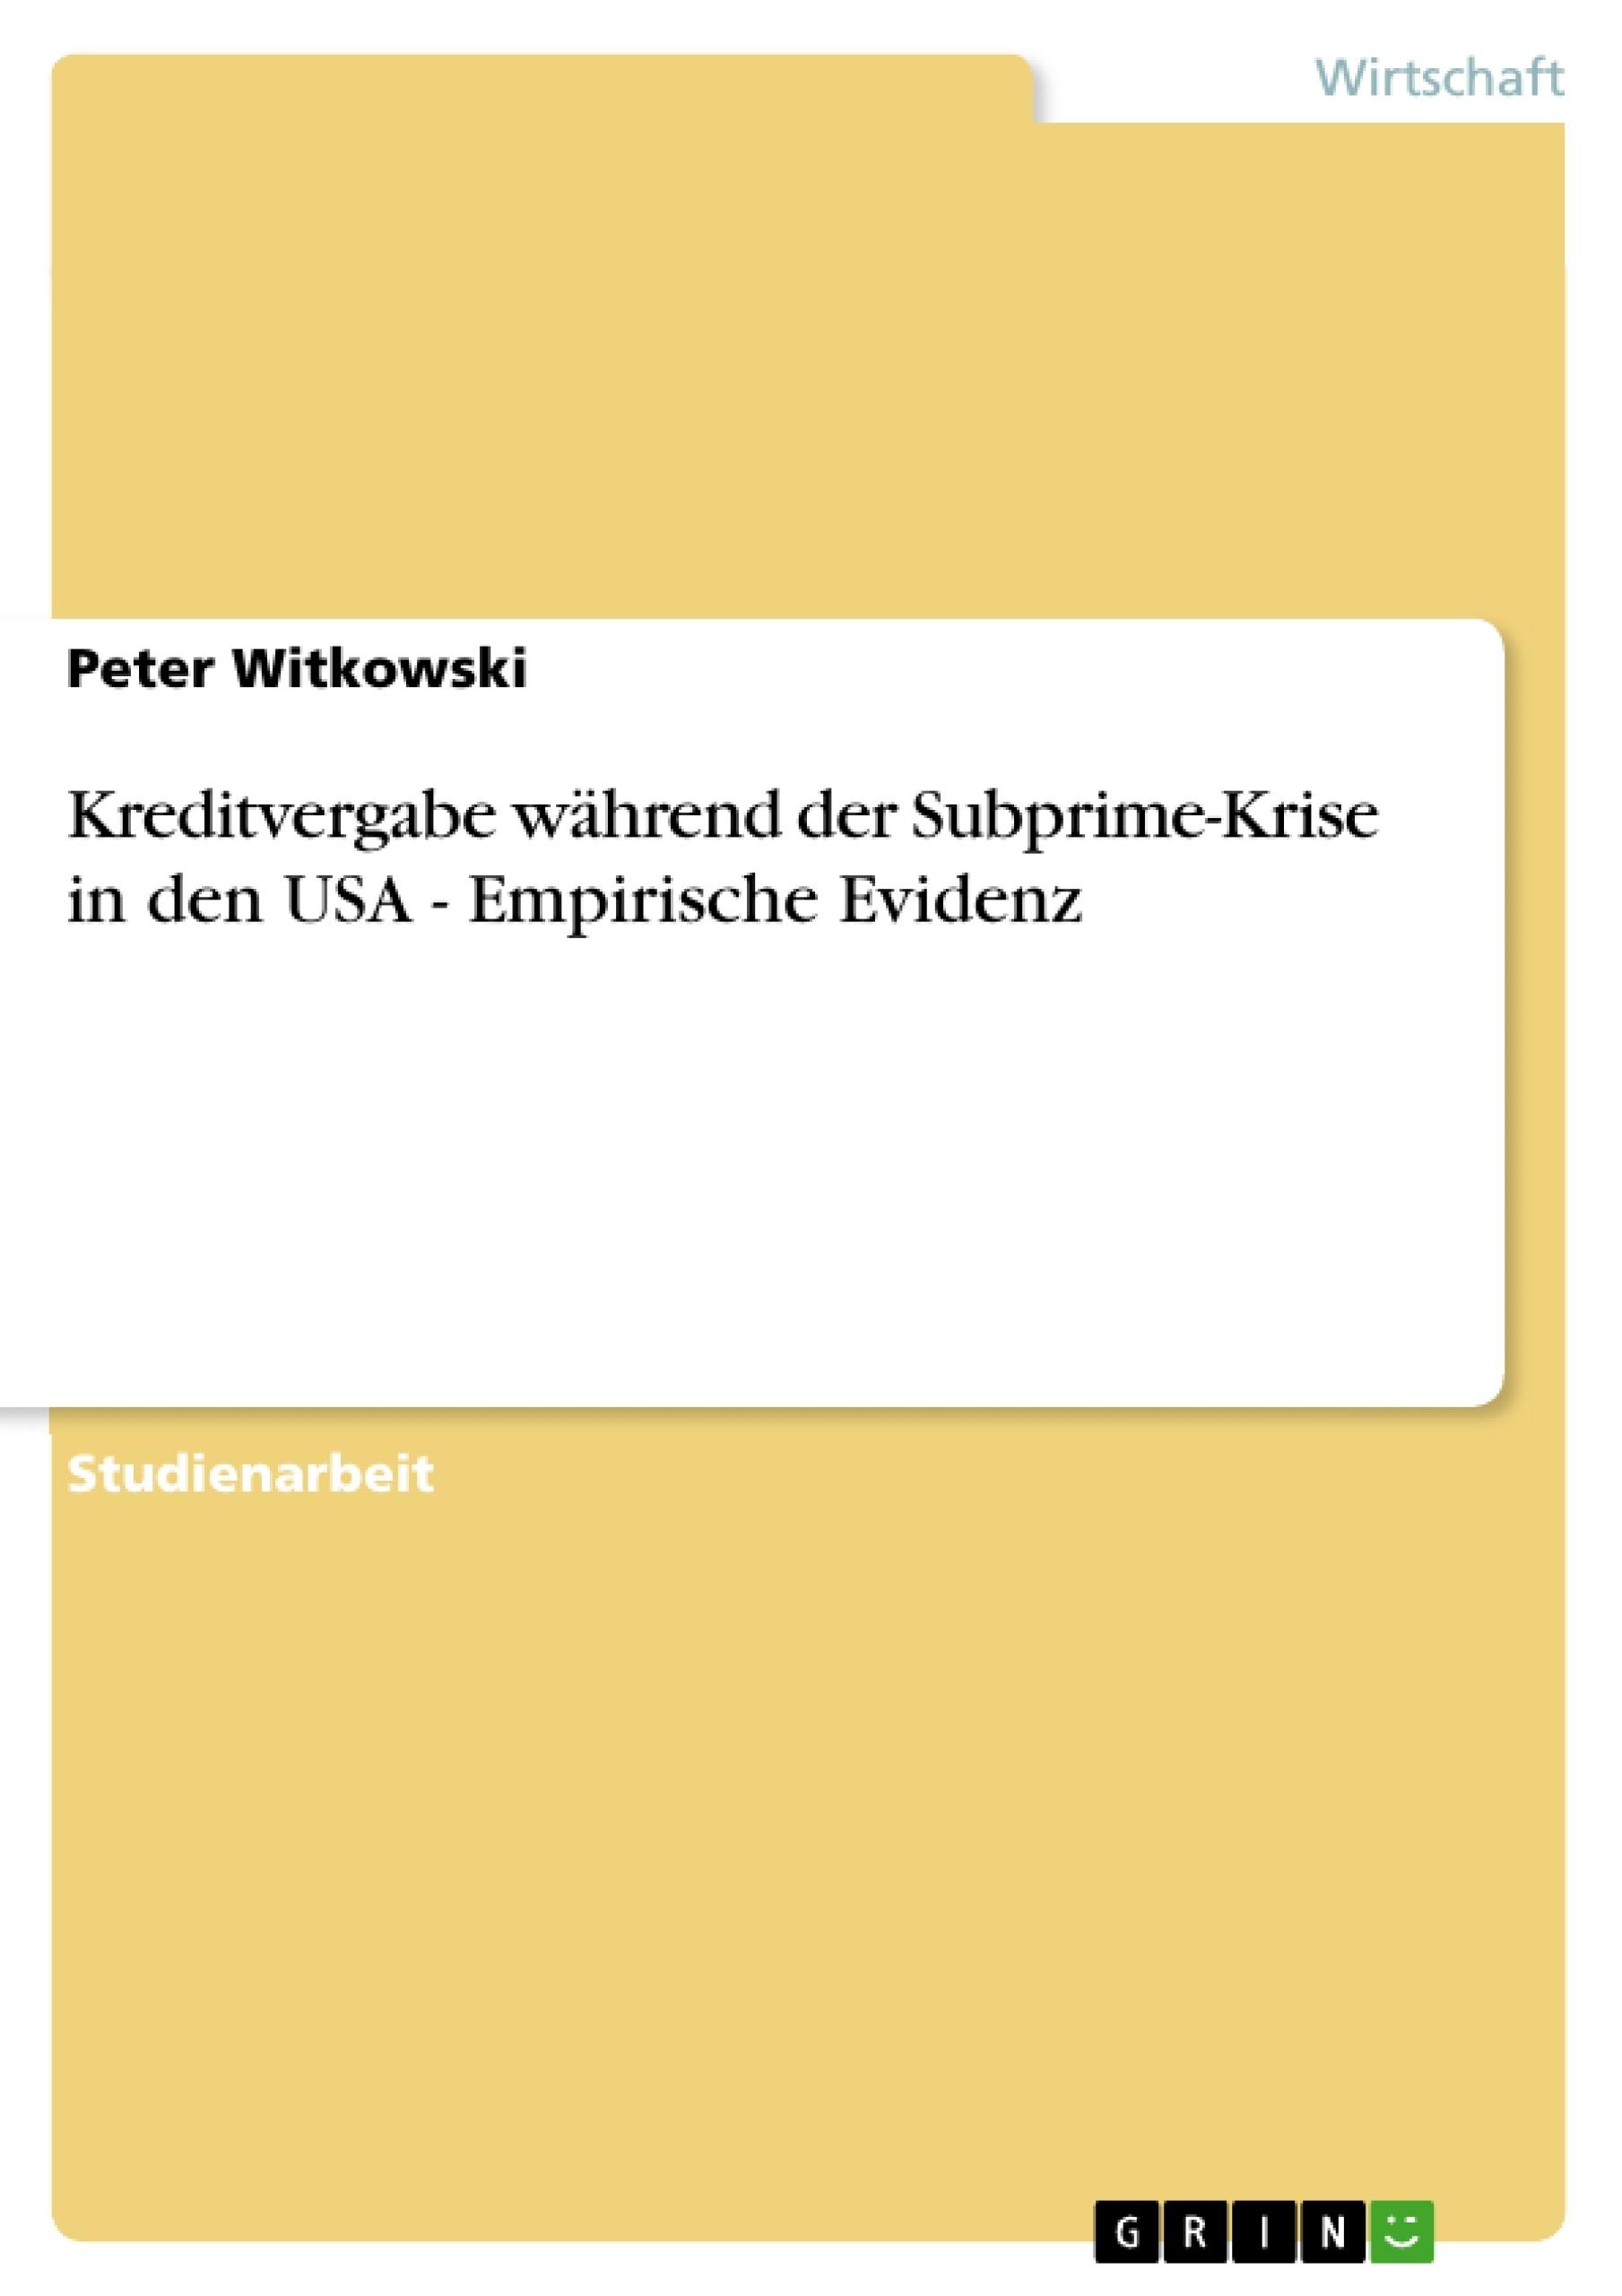 Titel: Kreditvergabe während der Subprime-Krise in den USA - Empirische Evidenz